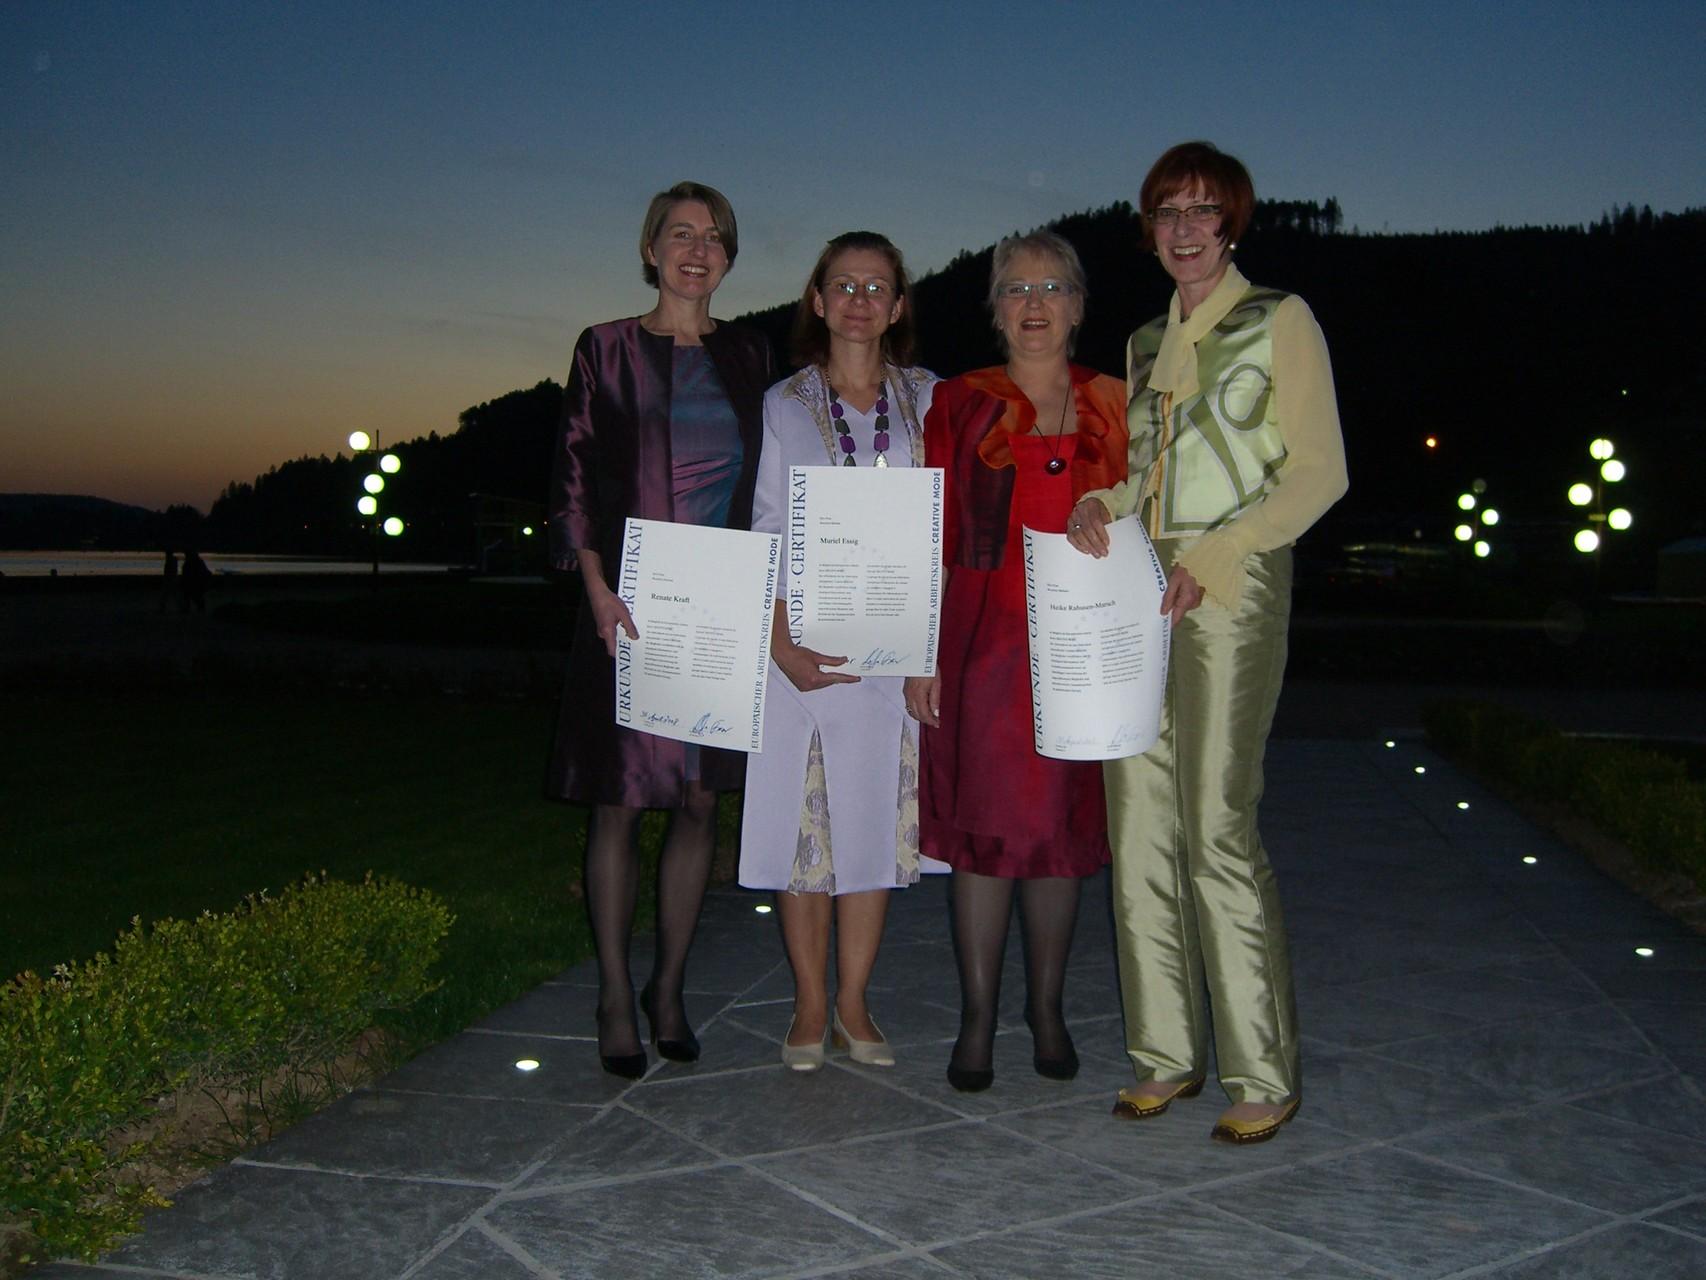 Begrüßung von neuen Mitgliedern: Renate Kraft, Heike Rahusen-Marsch und Muriel Essig  - 2008 Geradmér